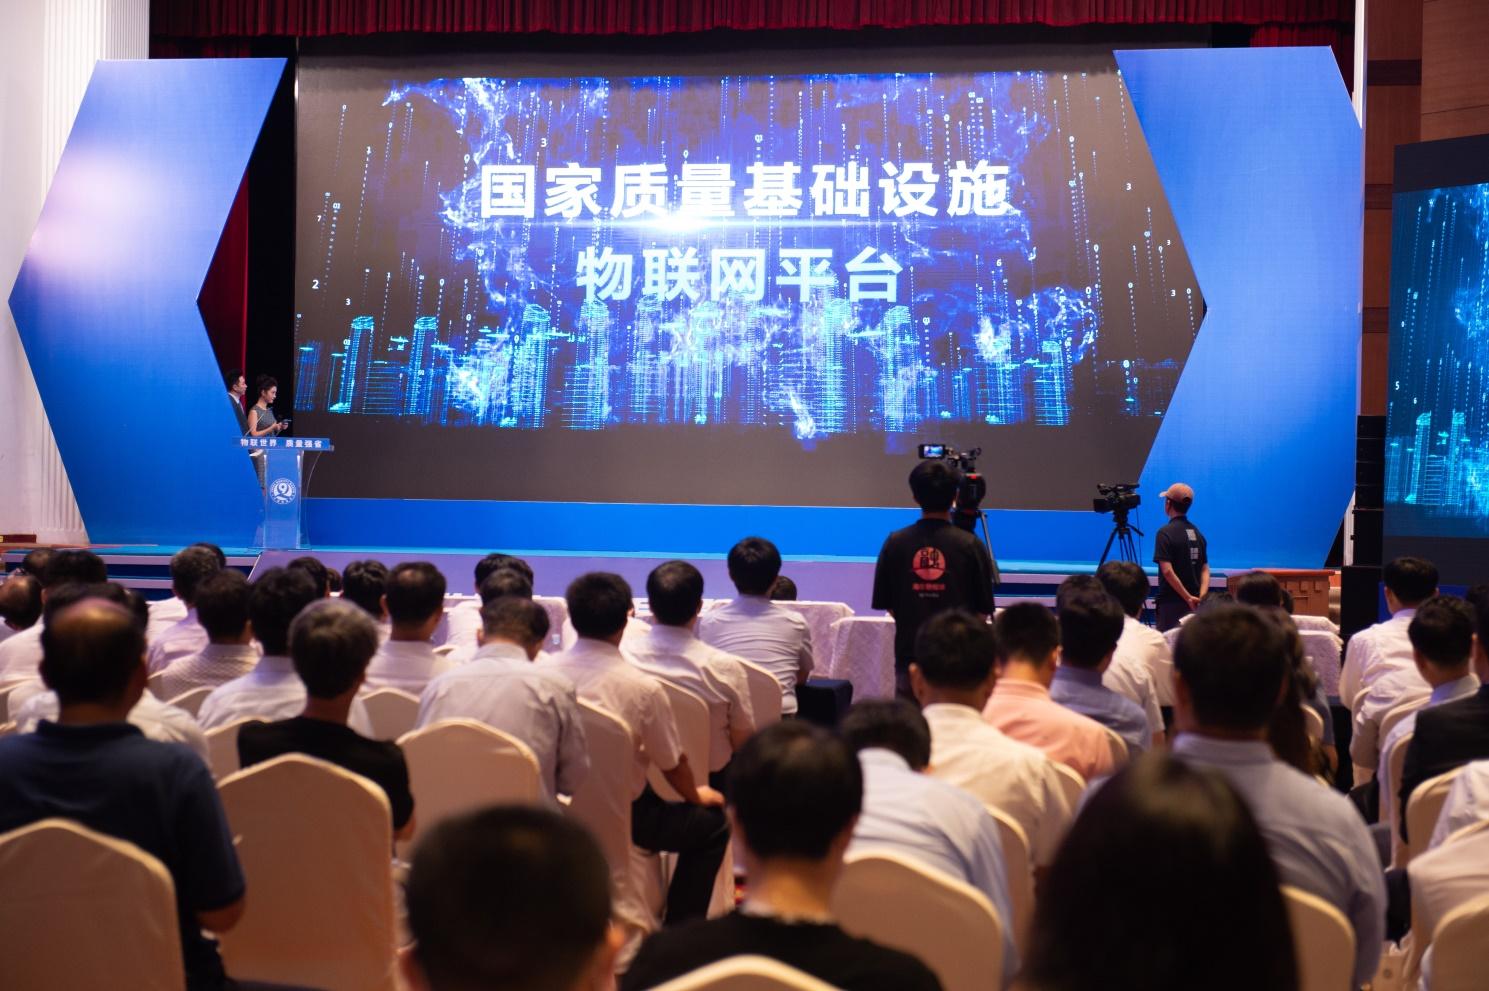 卡奥斯COSMOPlat首发国家质量基础设施物联网平台